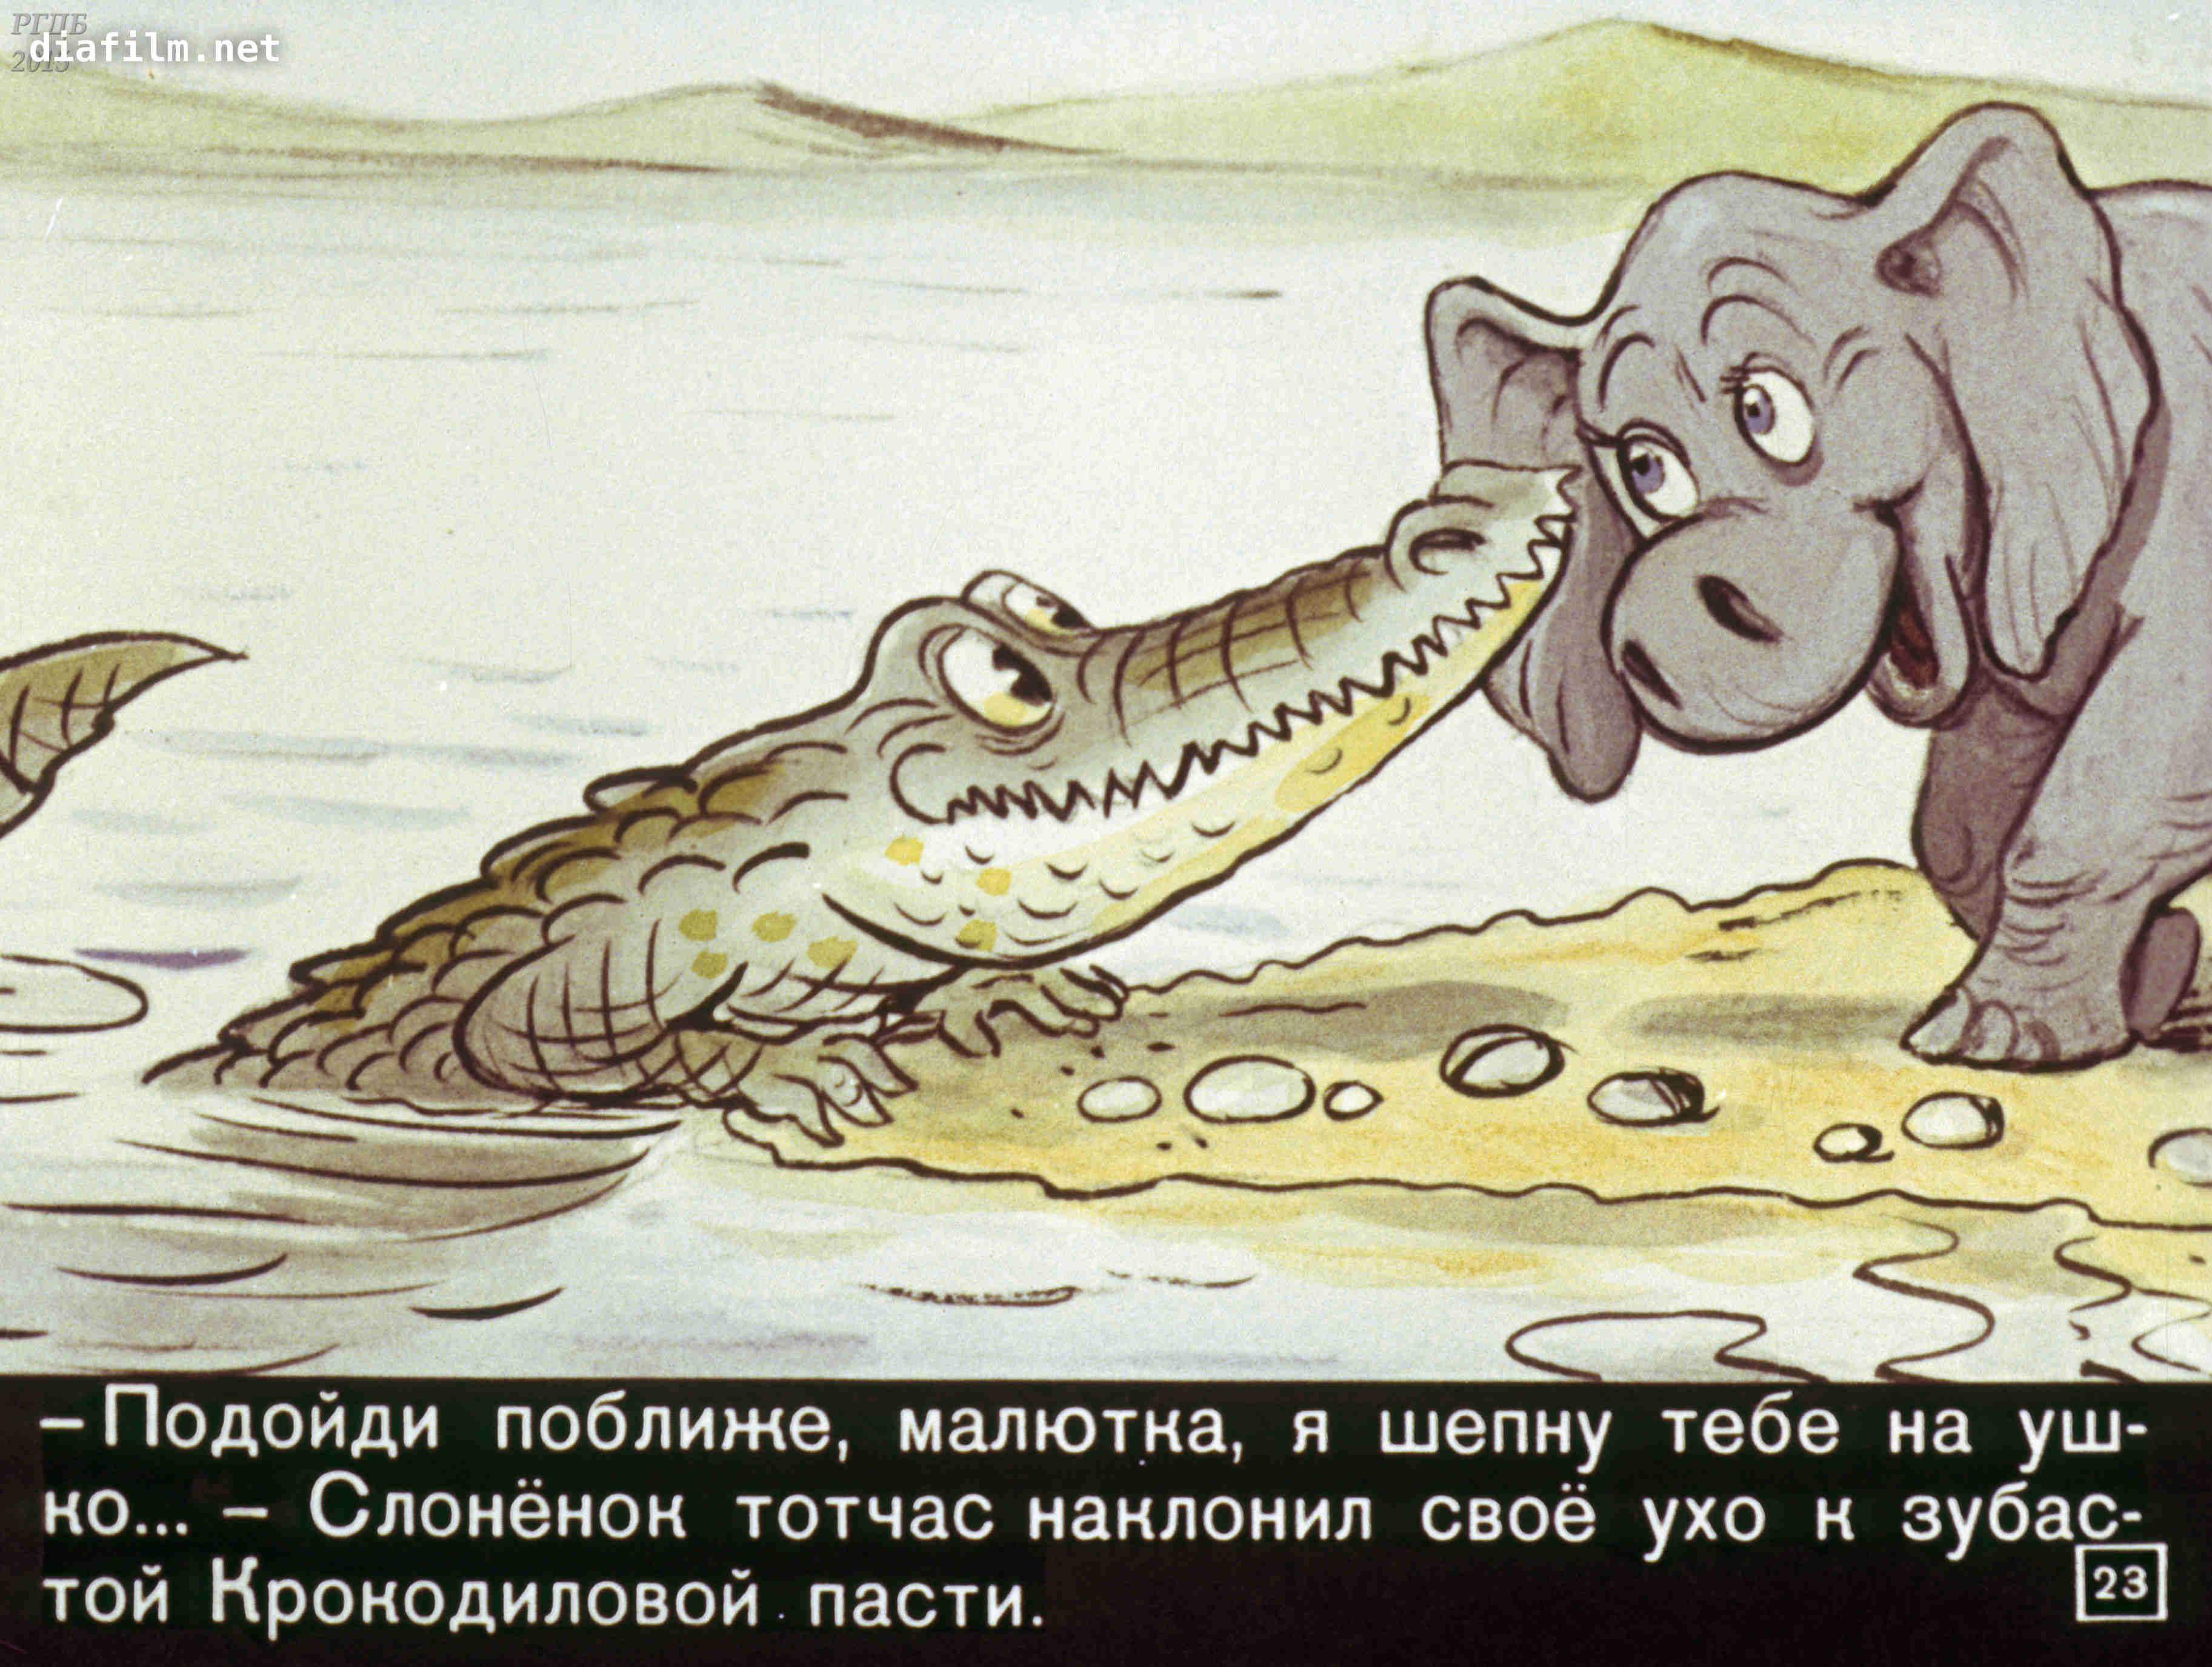 Иллюстрации к сказке слоненок